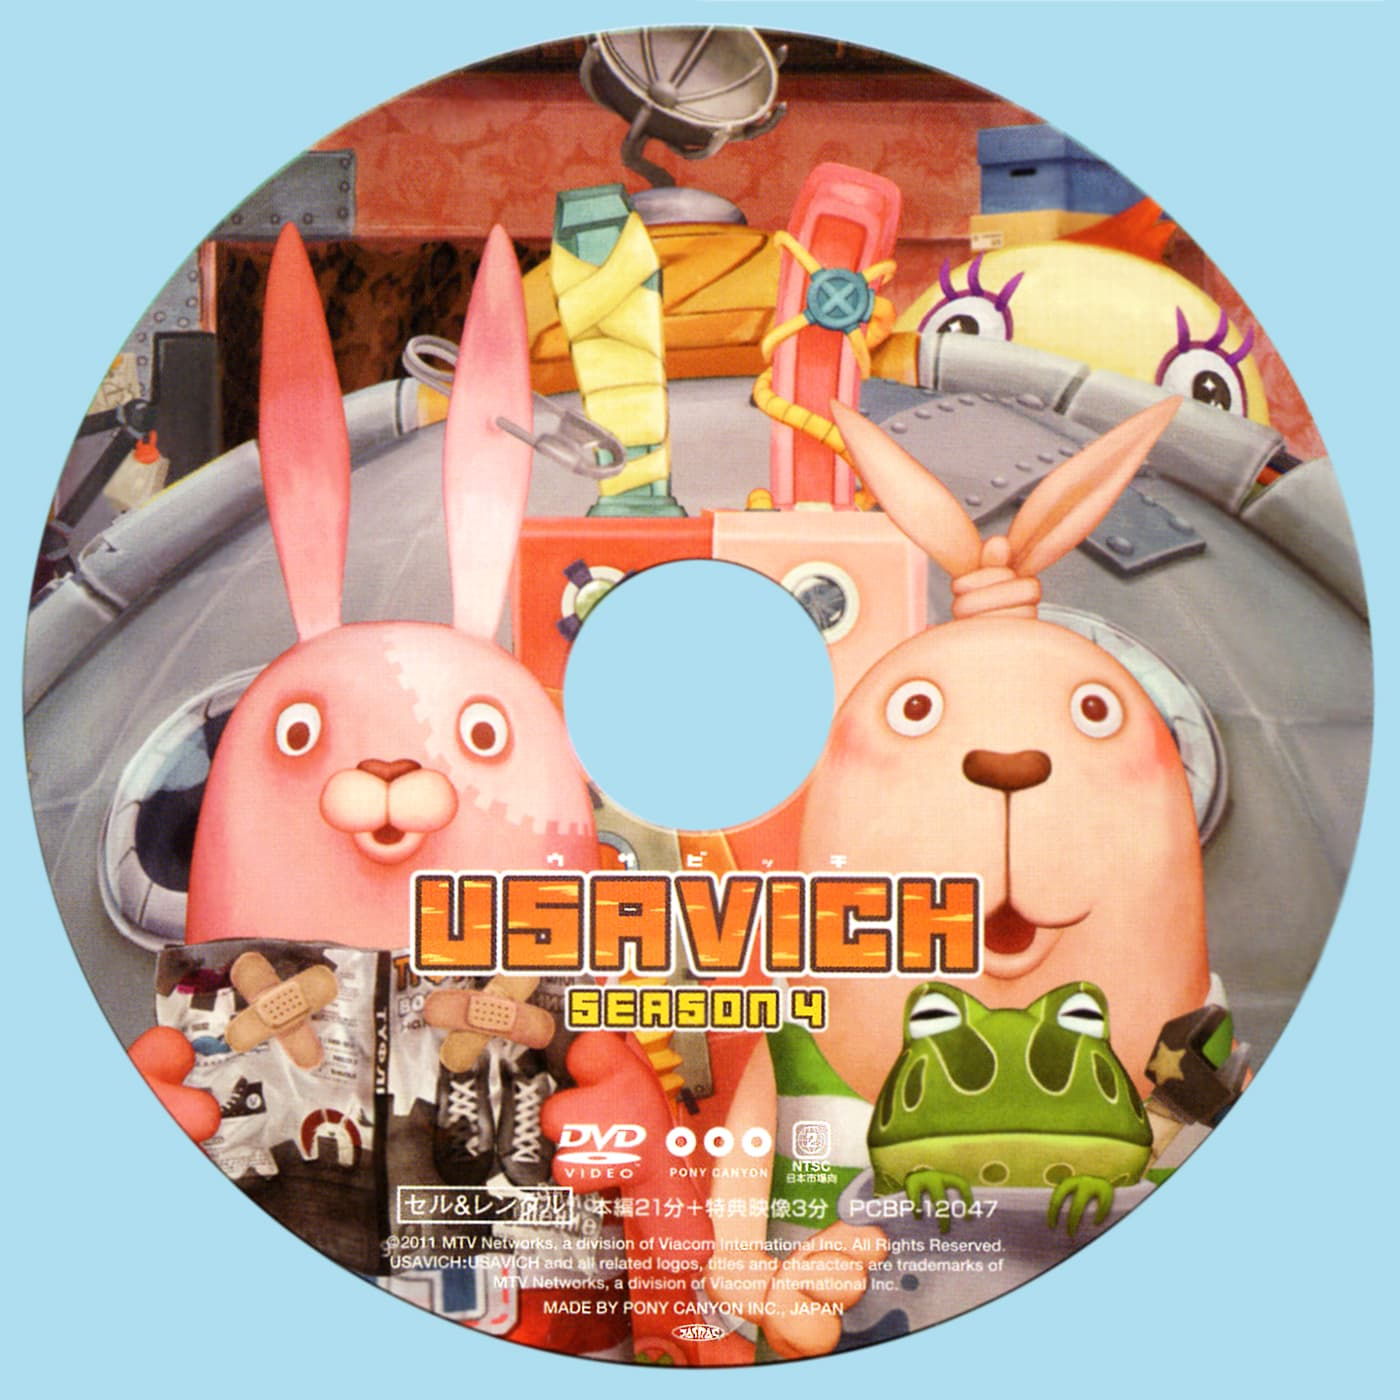 ウサビッチ4巻DVDラベル - バラ肉色の生活